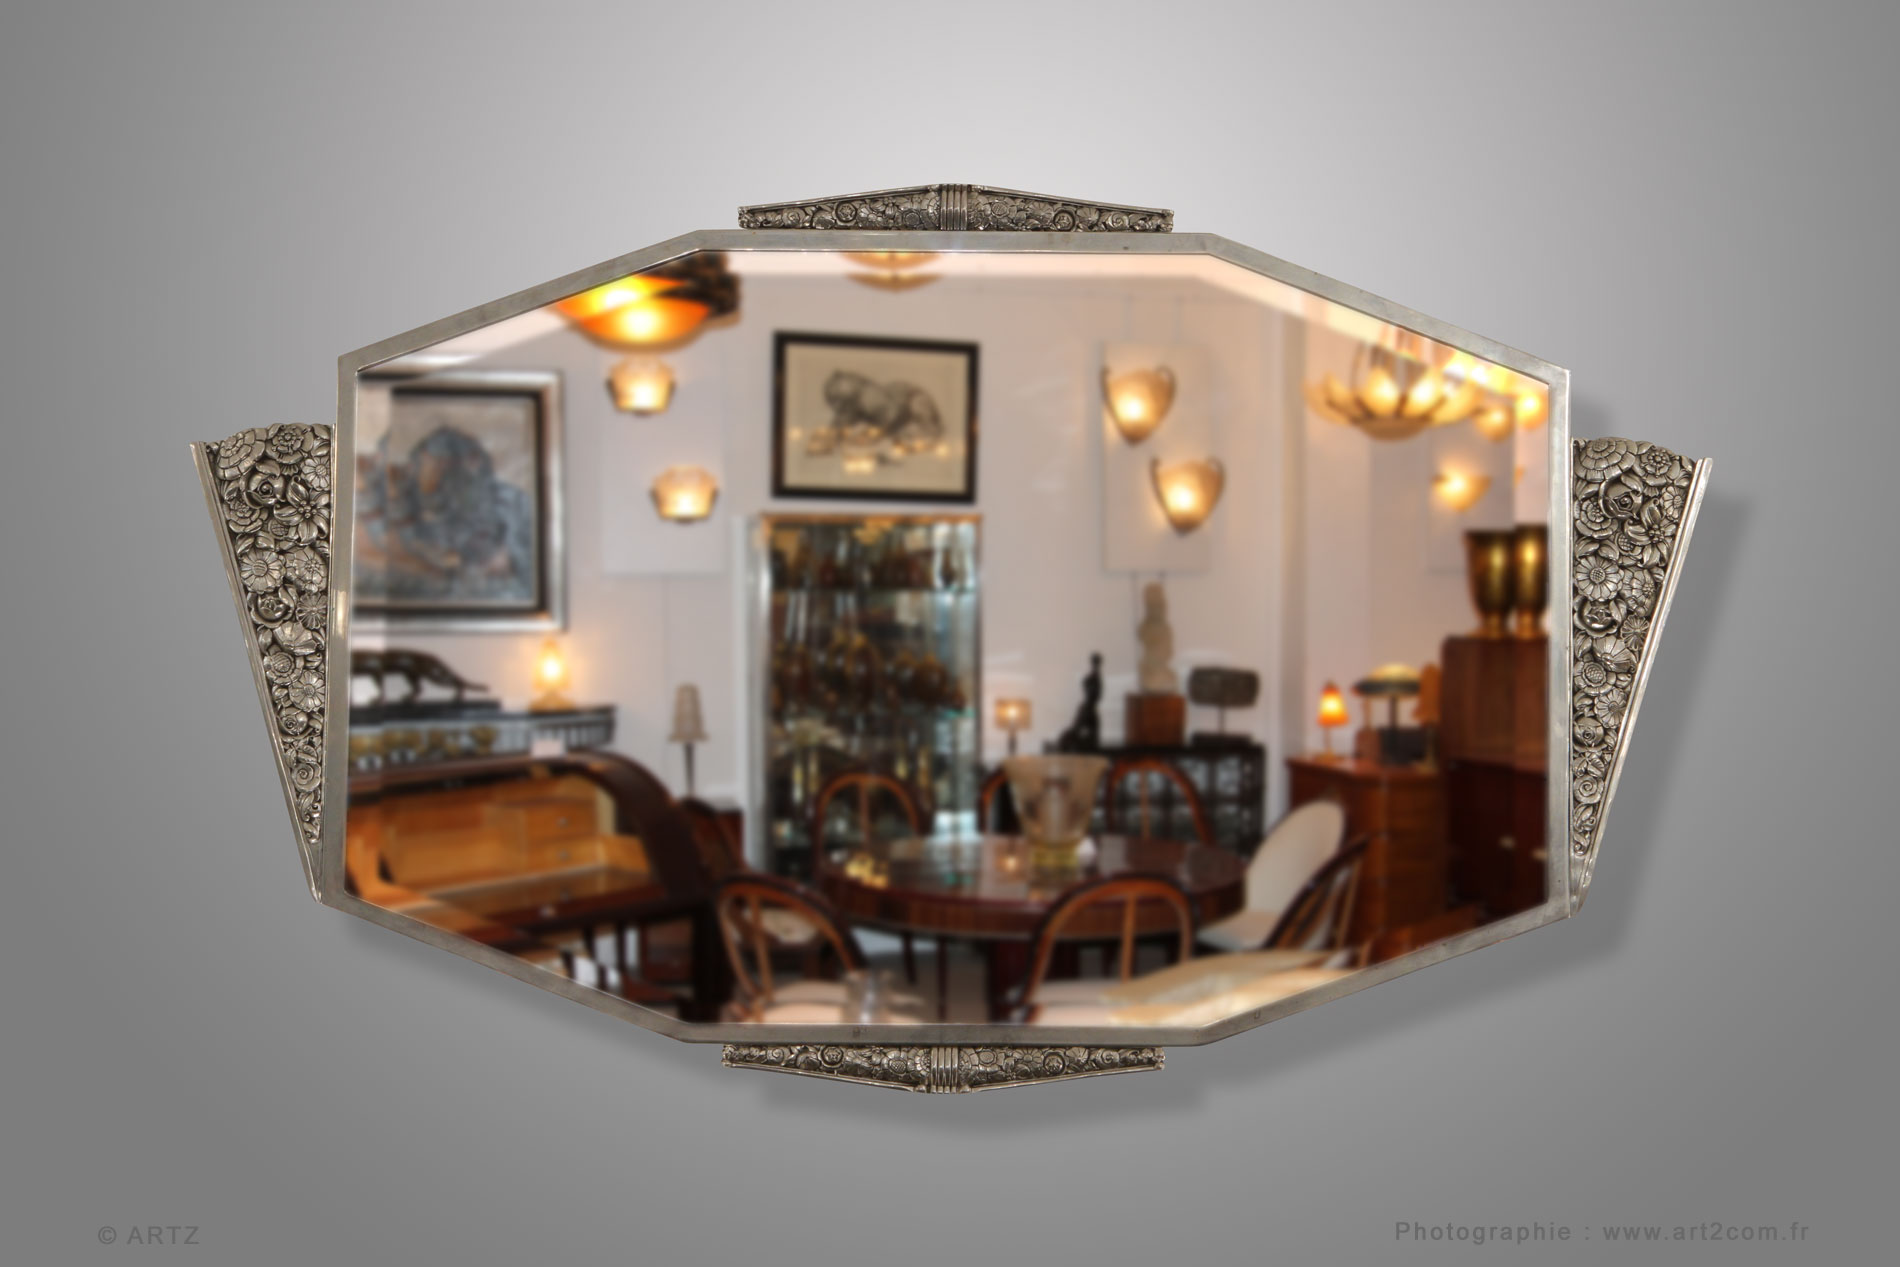 Artz sp cialiste art d co lustres vases coupes meubles for Acheter un miroir